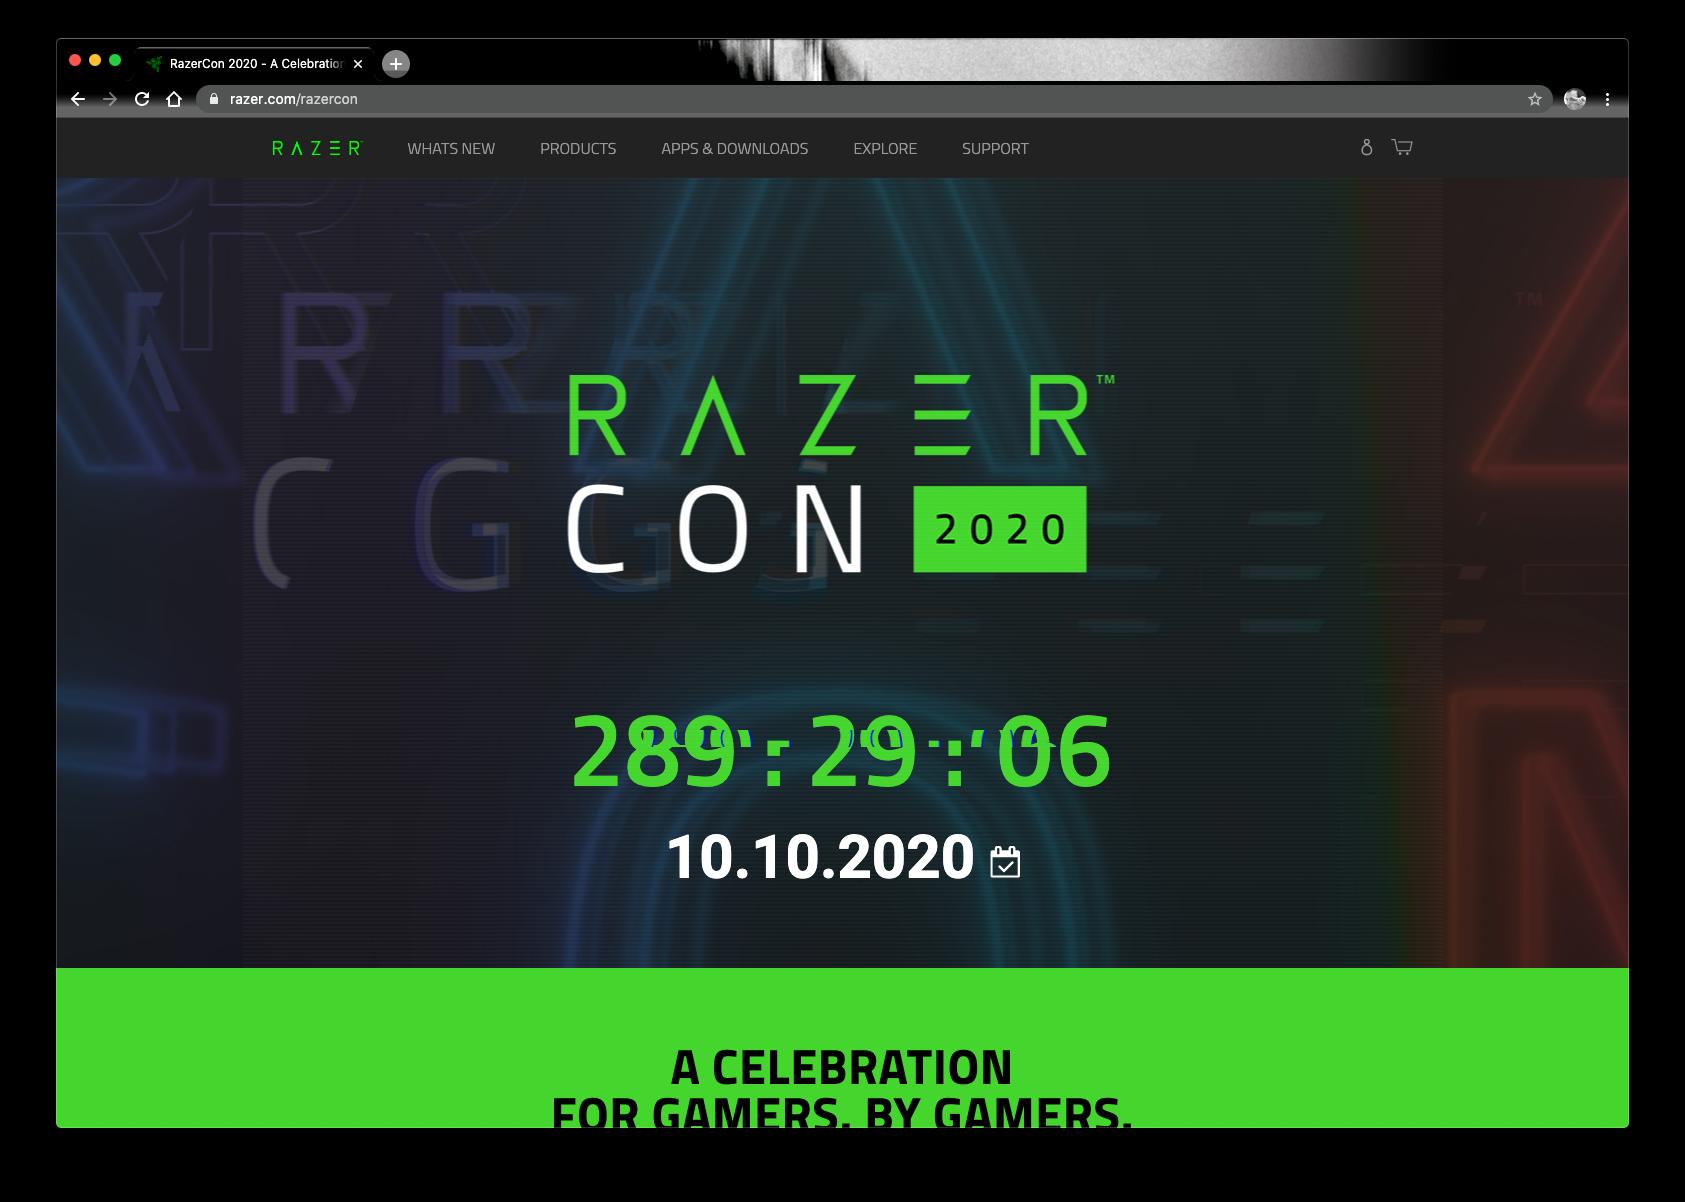 Video Event razercon live stream